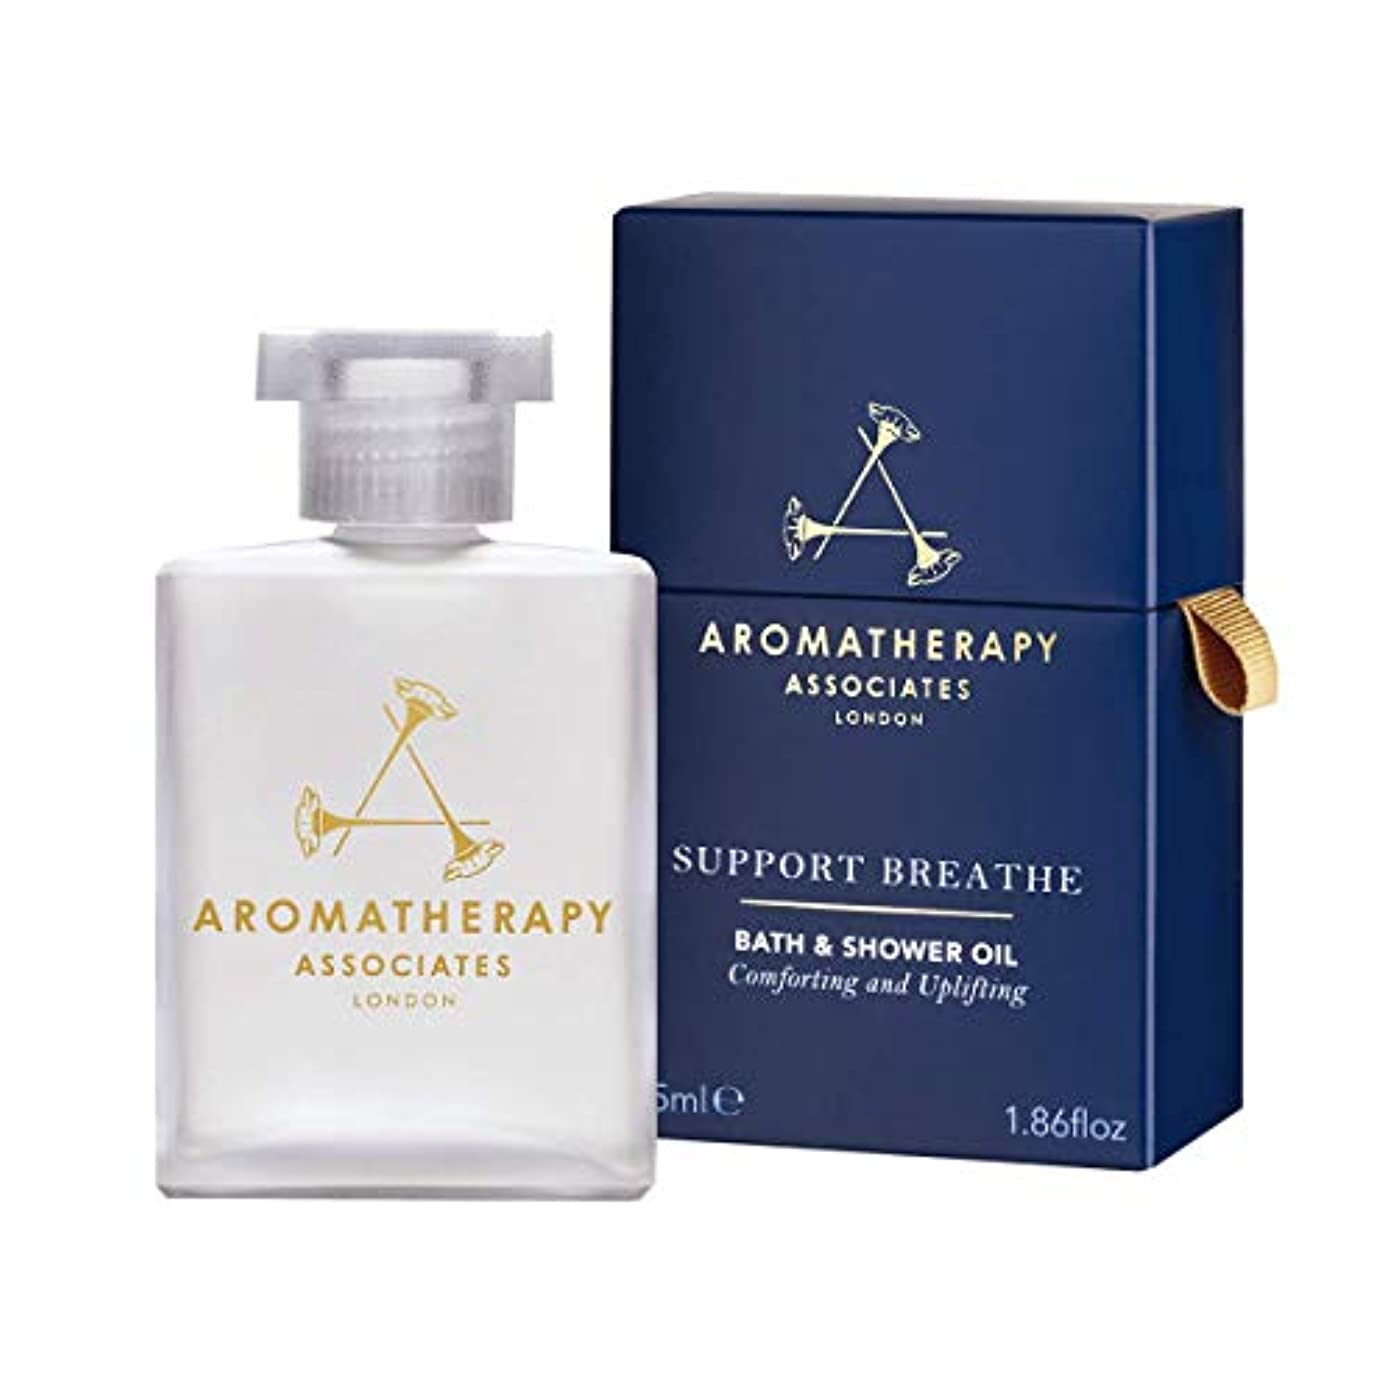 アロマセラピー アソシエイツ(Aromatherapy Associates) サポート ブリーズ バスアンドシャワーオイル 55ml [海外直送品] [並行輸入品]